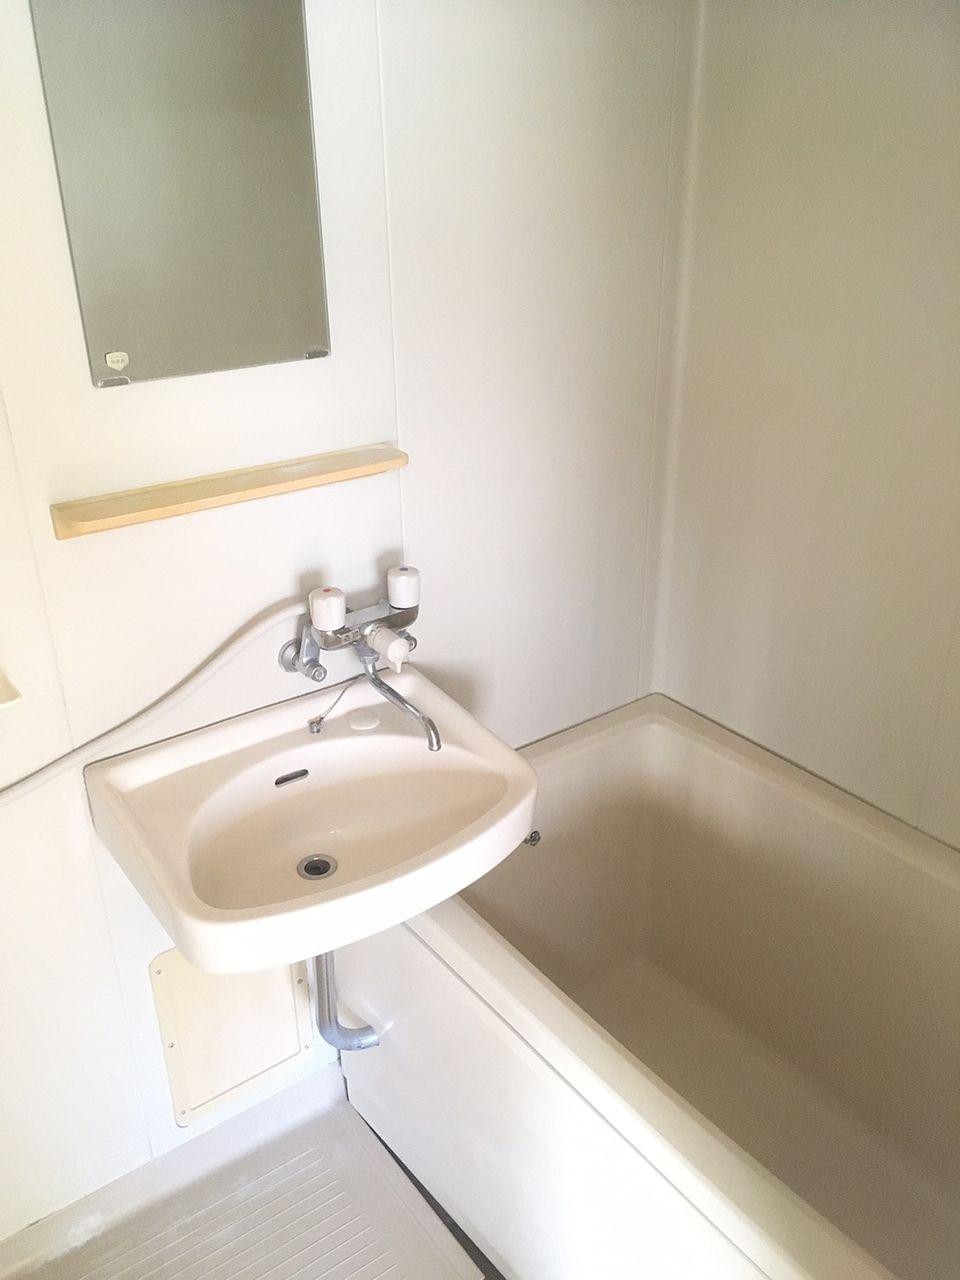 コーポむさしの208号室浴室 1DK バストイレ別 バイク置場あり